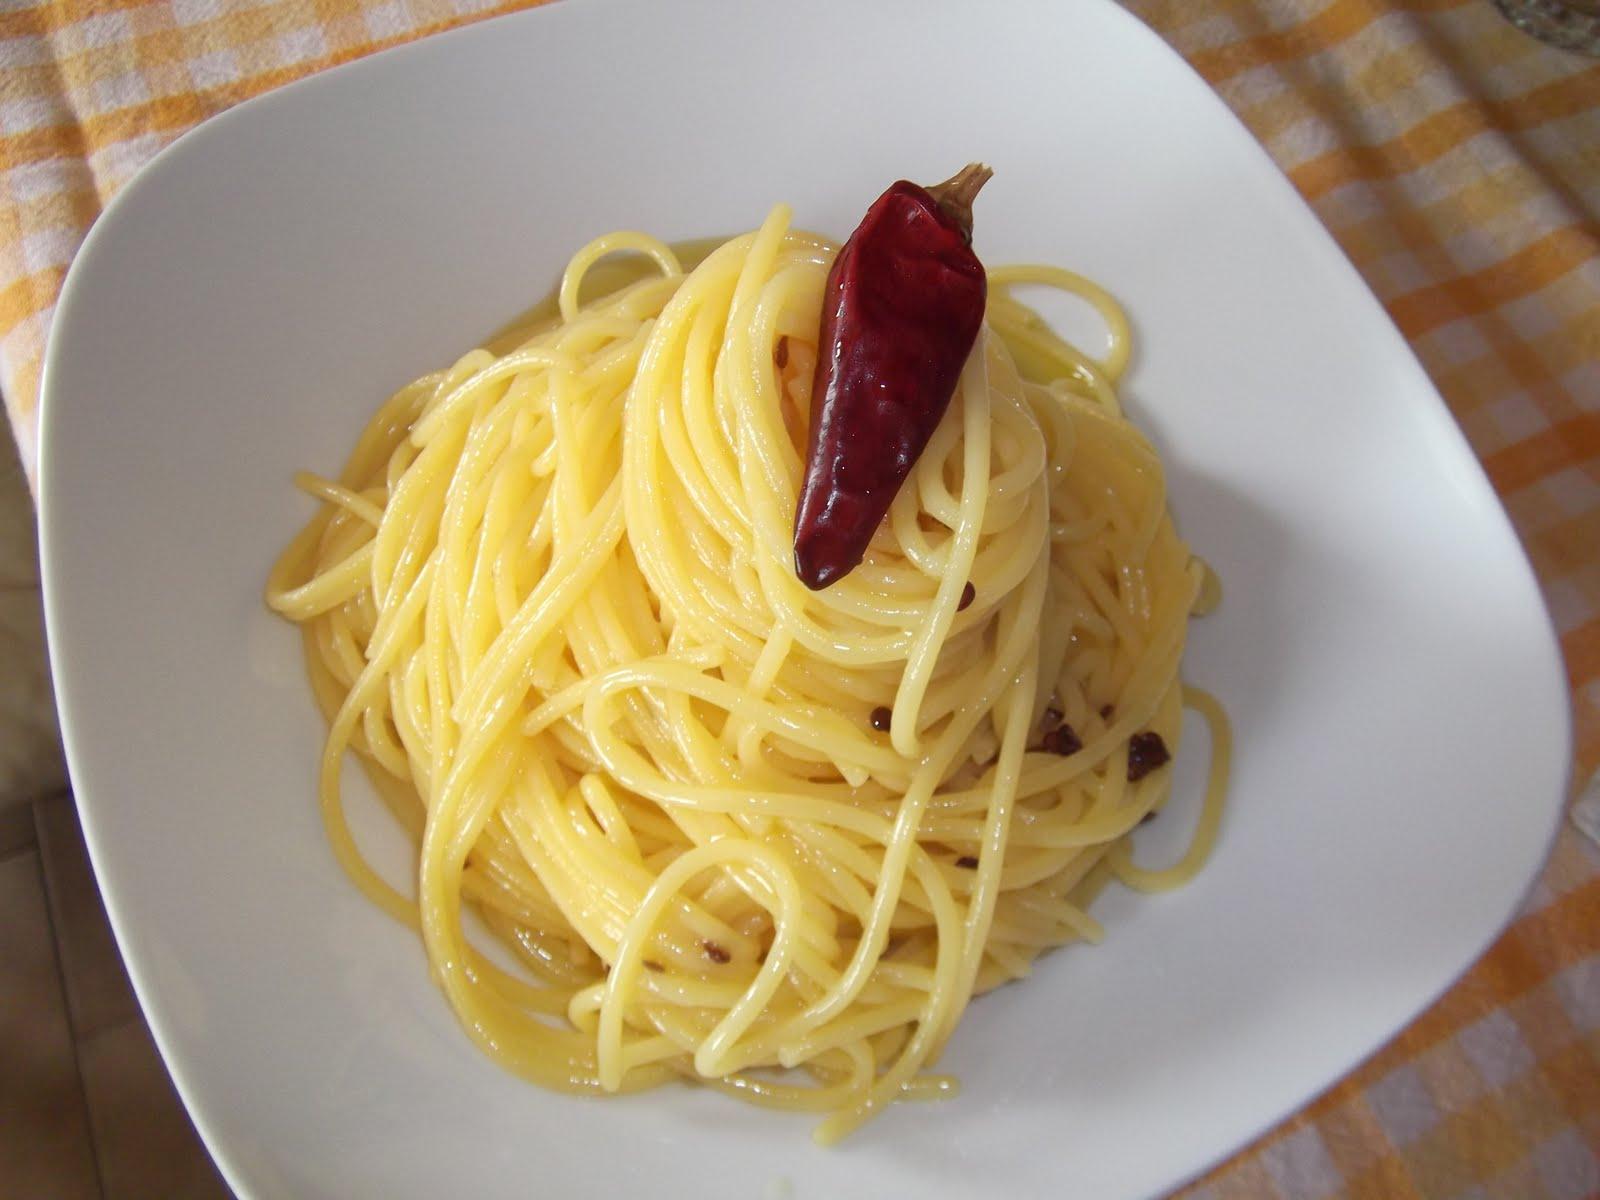 Cucina Sono Intollerante!!!: Aglio Olio E Peperoncino Senza Glutine #B08E1B 1600 1200 Cucina Mediterranea Senza Glutine